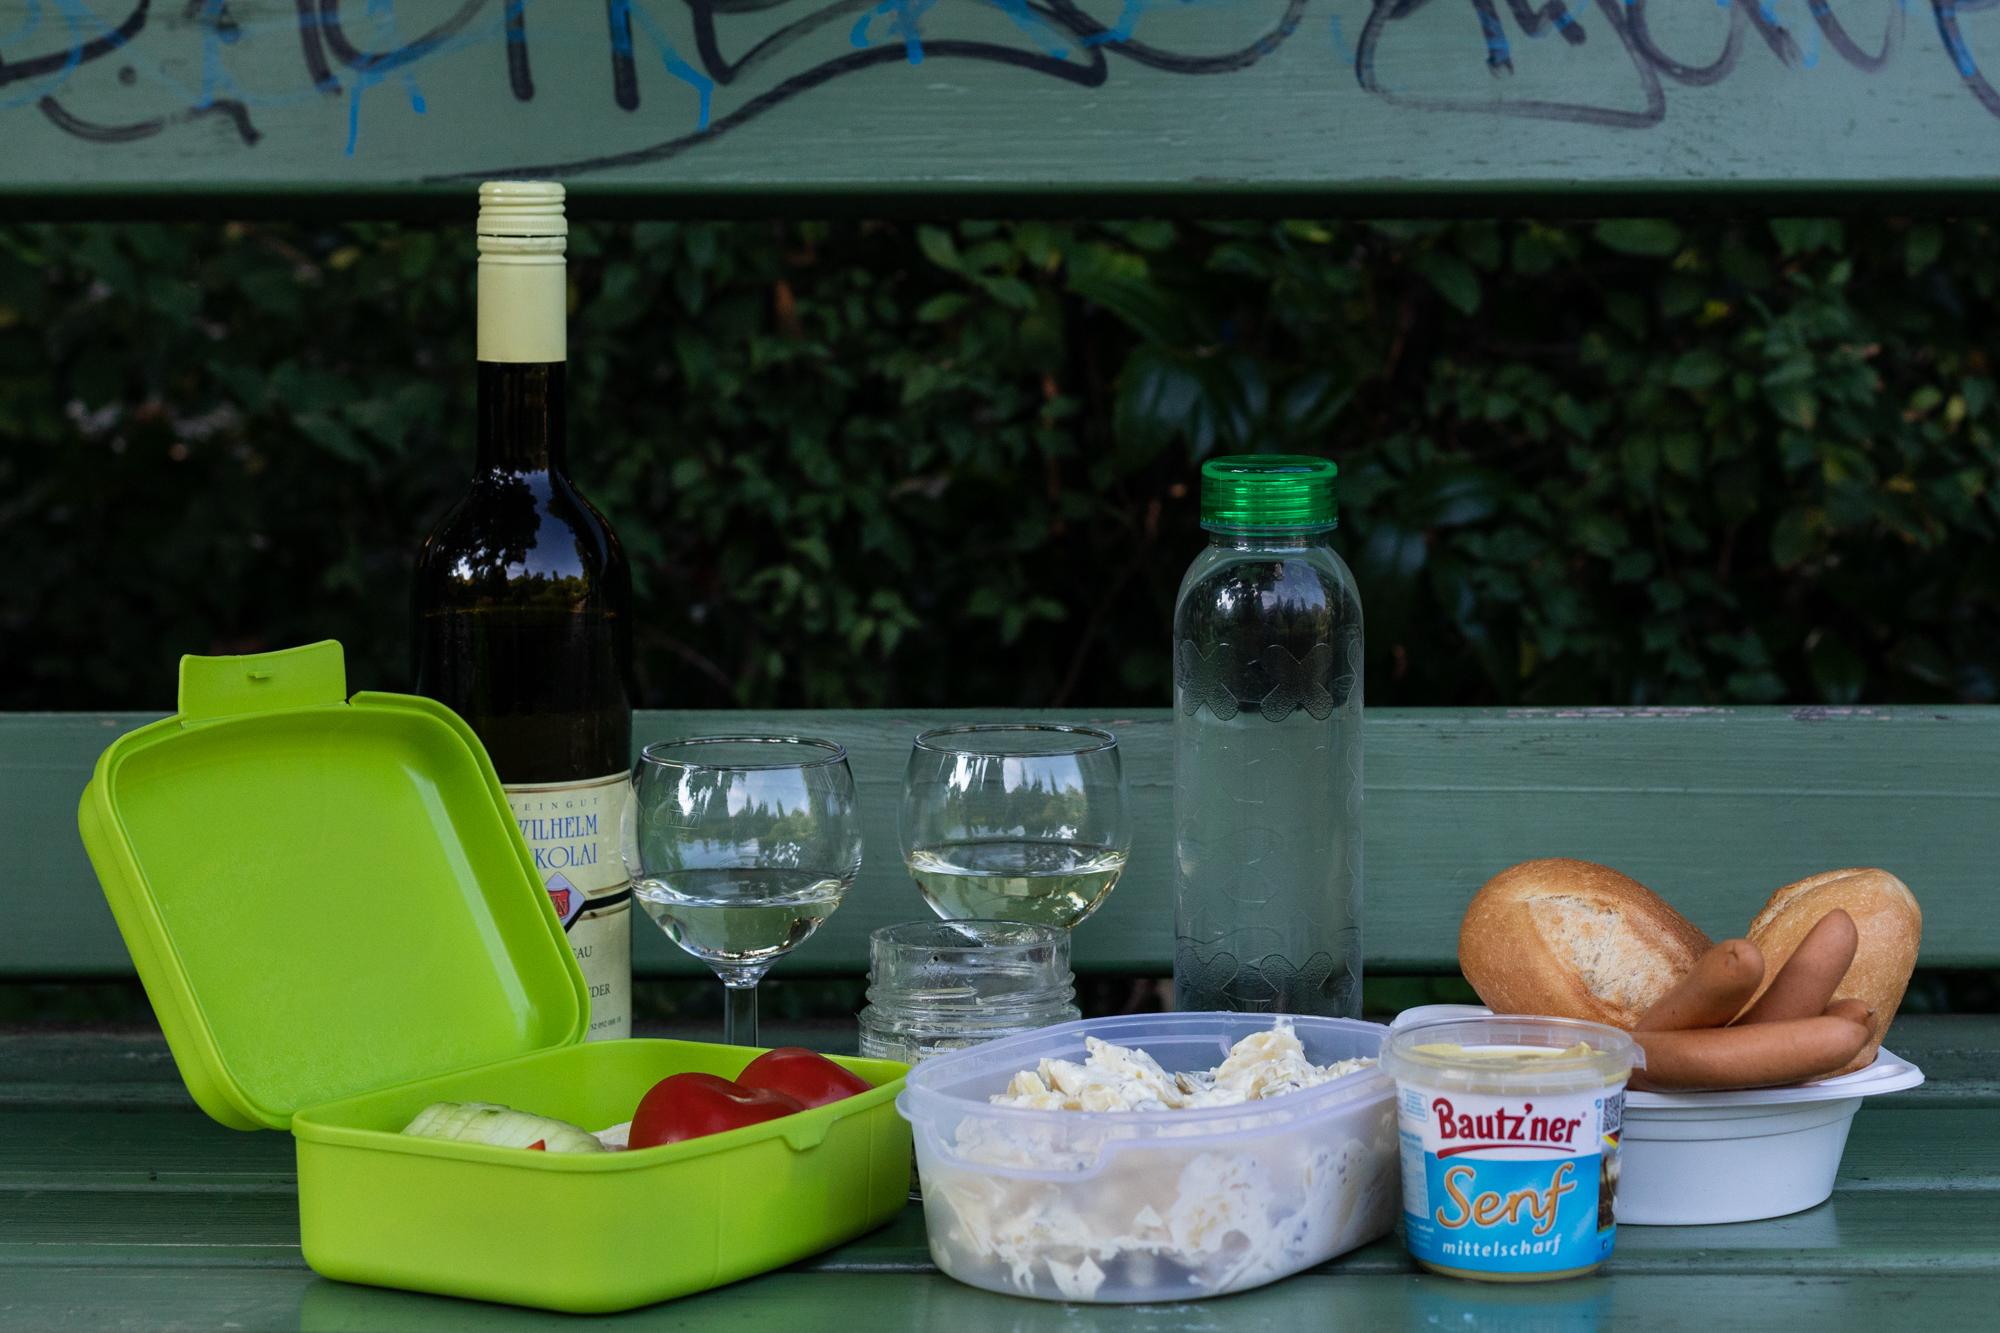 Ein Picknick am Rheingauer Weinbrunnen - eine Holzhütte, die Weine aus dem Rheingau-Taunus in Hessen am Rüdesheimer Platz in Berlin Wilmersdorf serviert